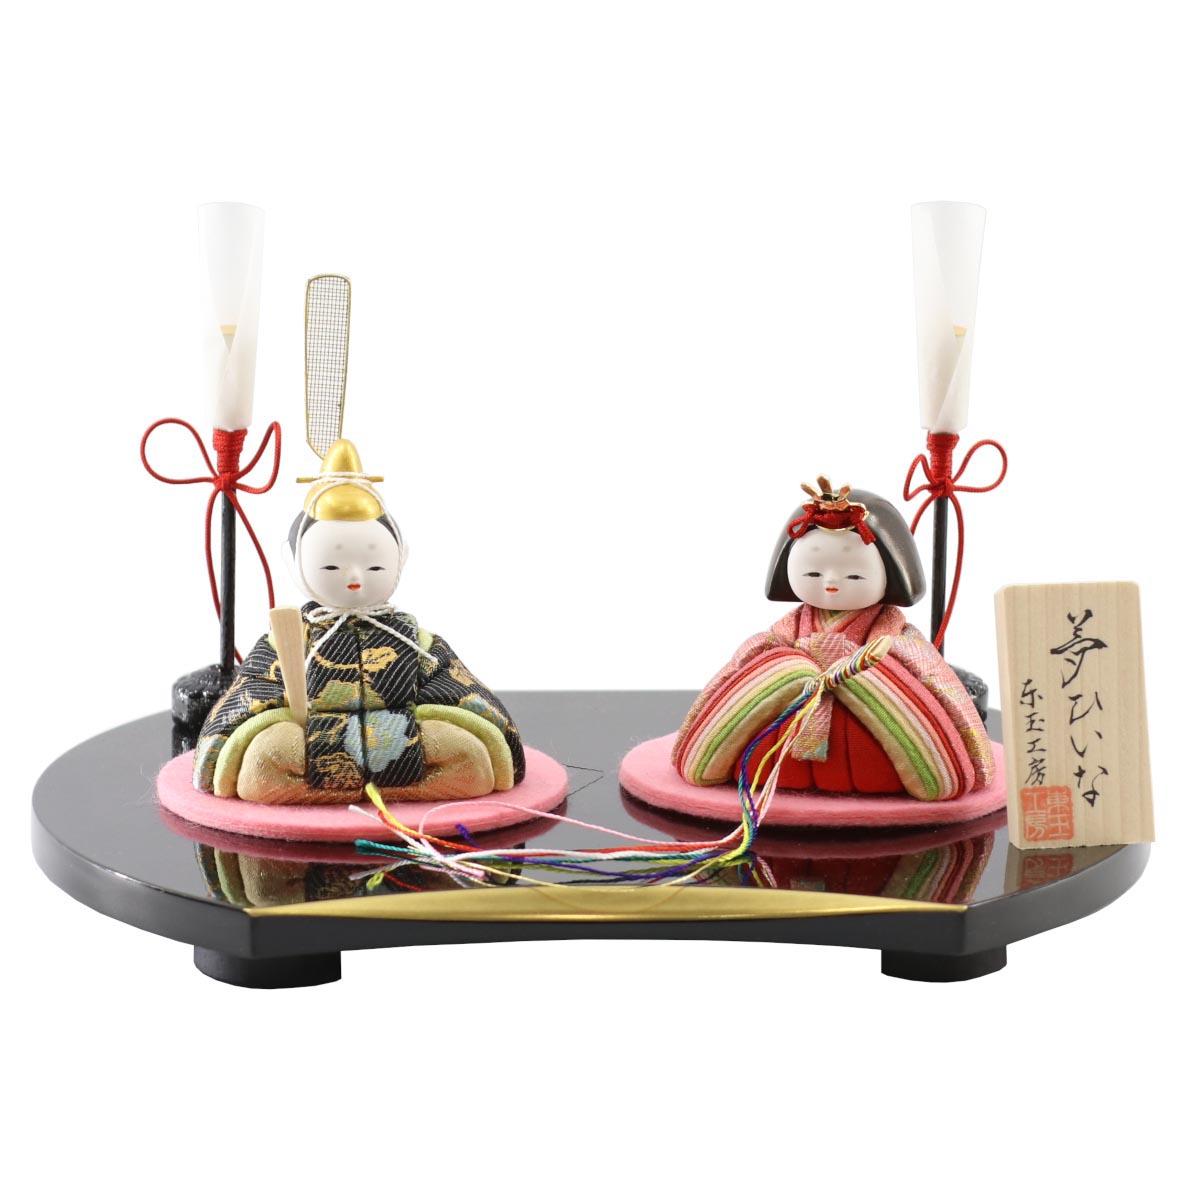 雛人形 東玉 コンパクト 木目込み飾り 夢ひいな 正絹 木目込み 親王飾り HNTG-YH-01 (NO-15-72)おひなさま お雛様 ひな人形 かわいい おしゃれ インテリア 雛 木目込人形飾り ひな人形 小さい ミニ